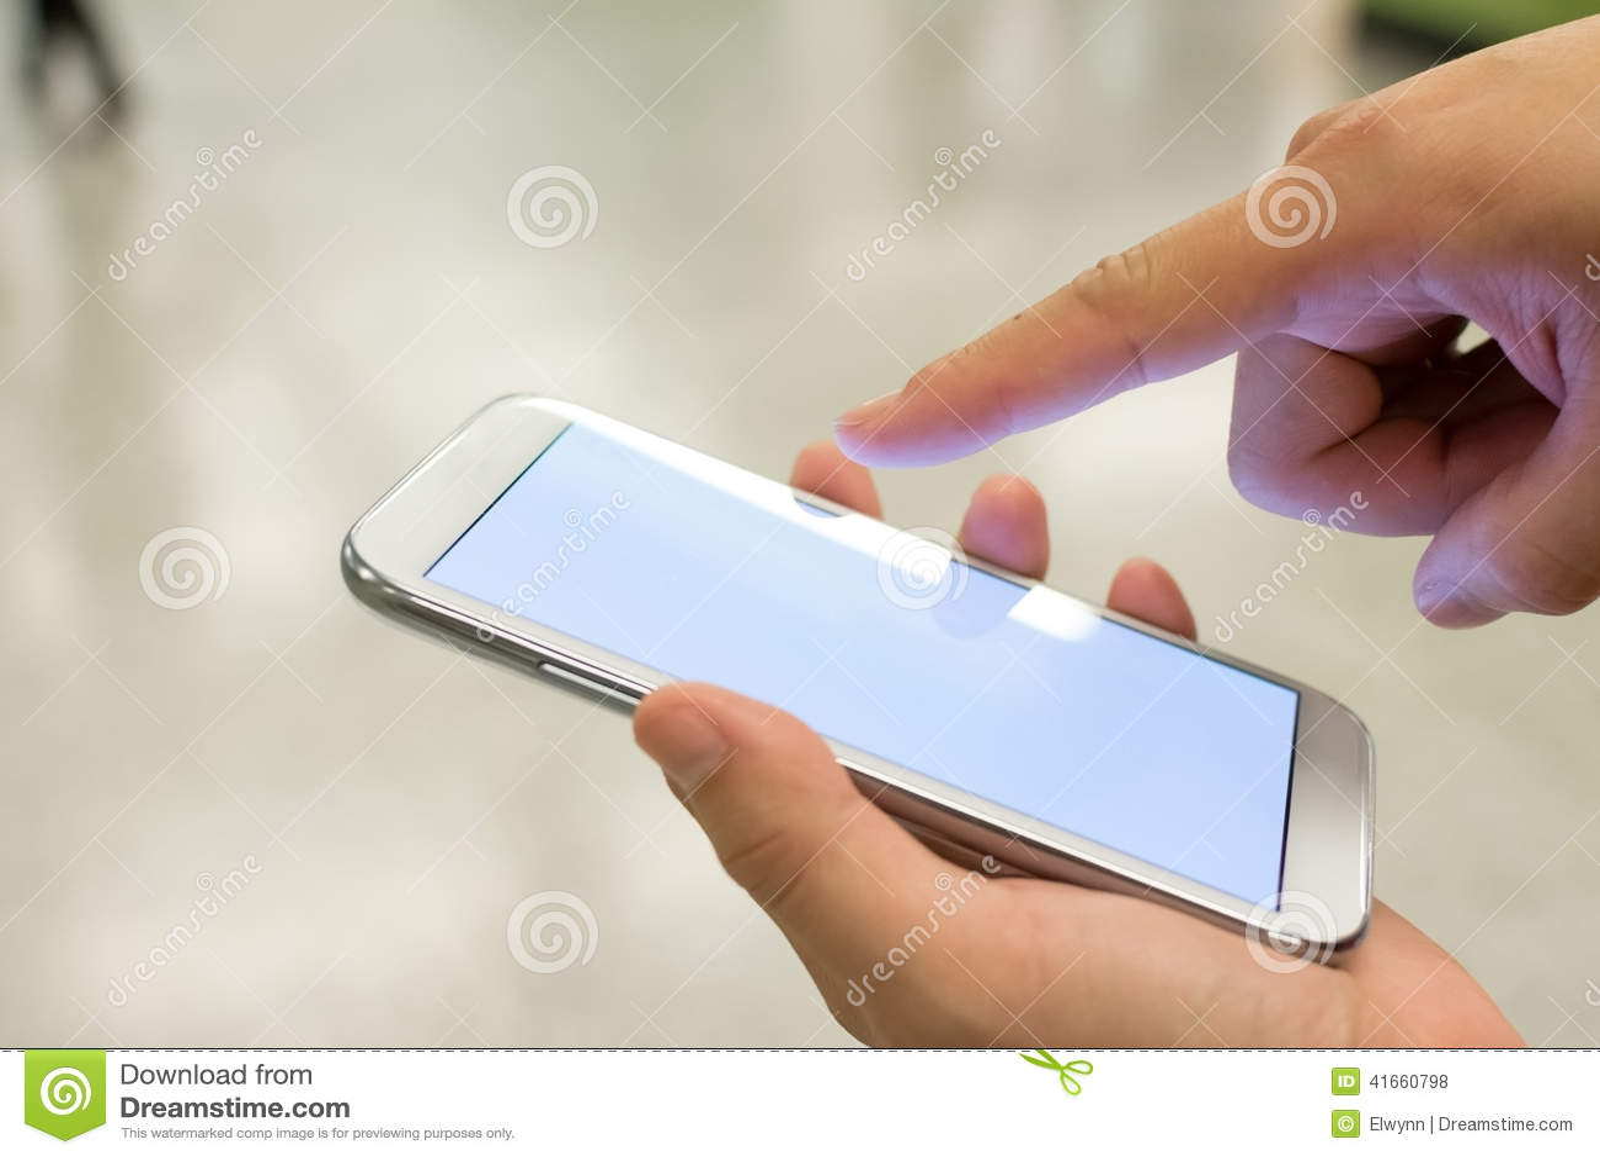 Используя Smartphone